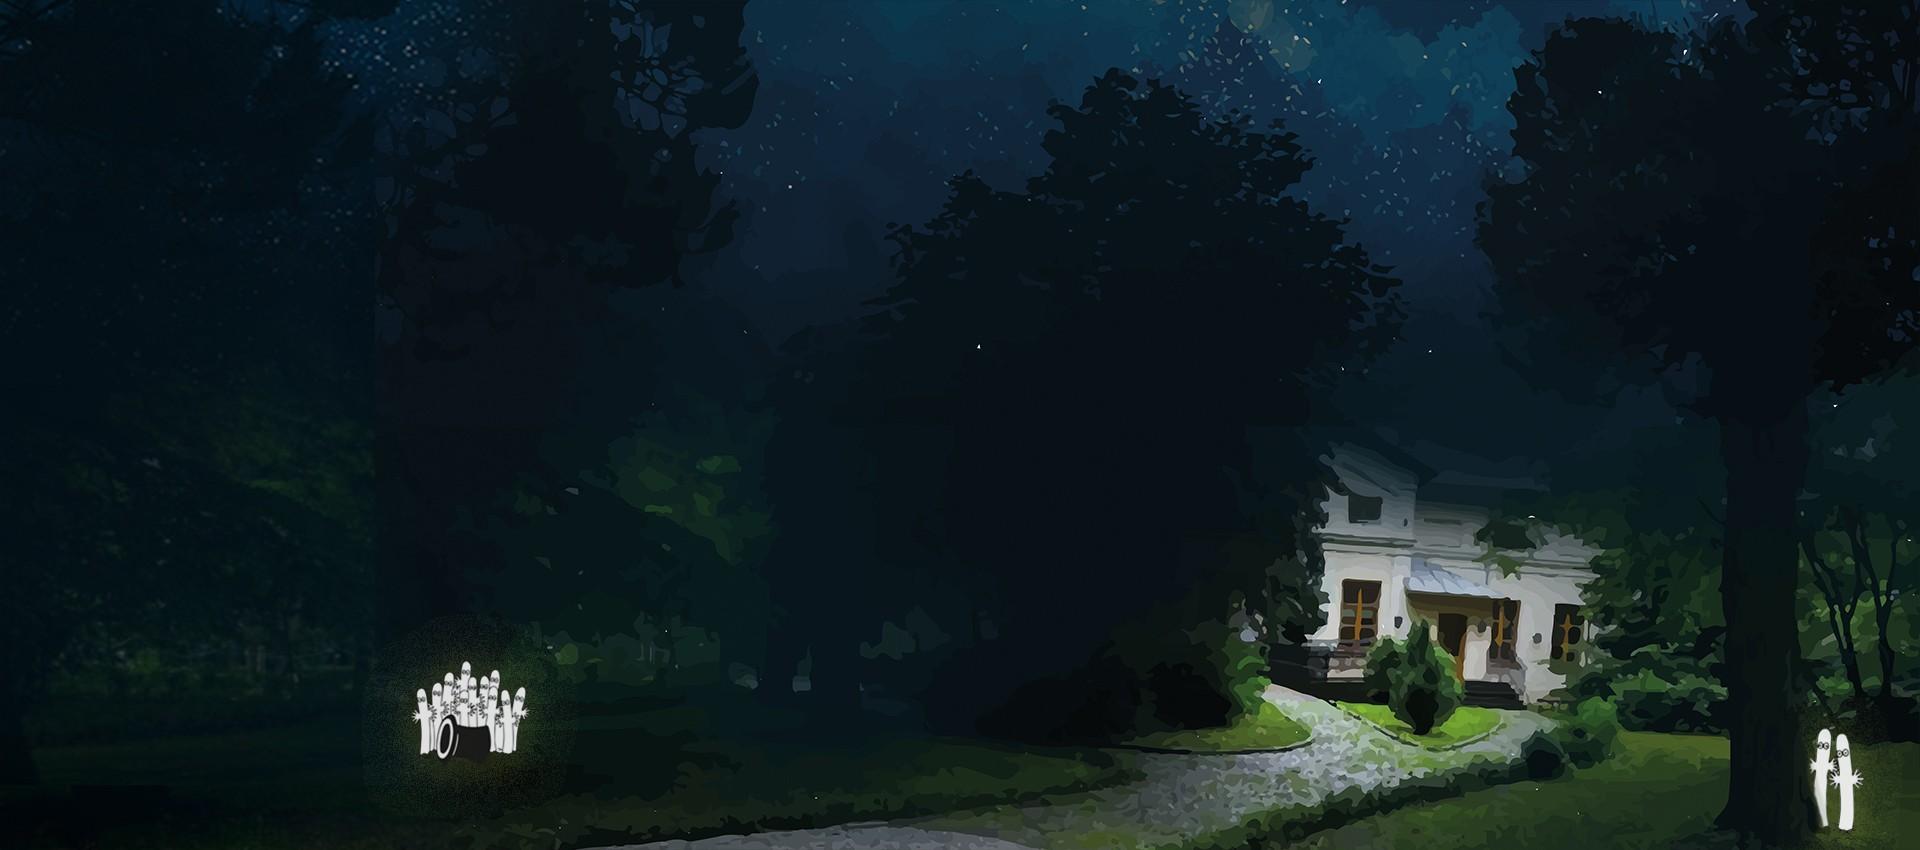 Noc pod spadającymi gwiazdami